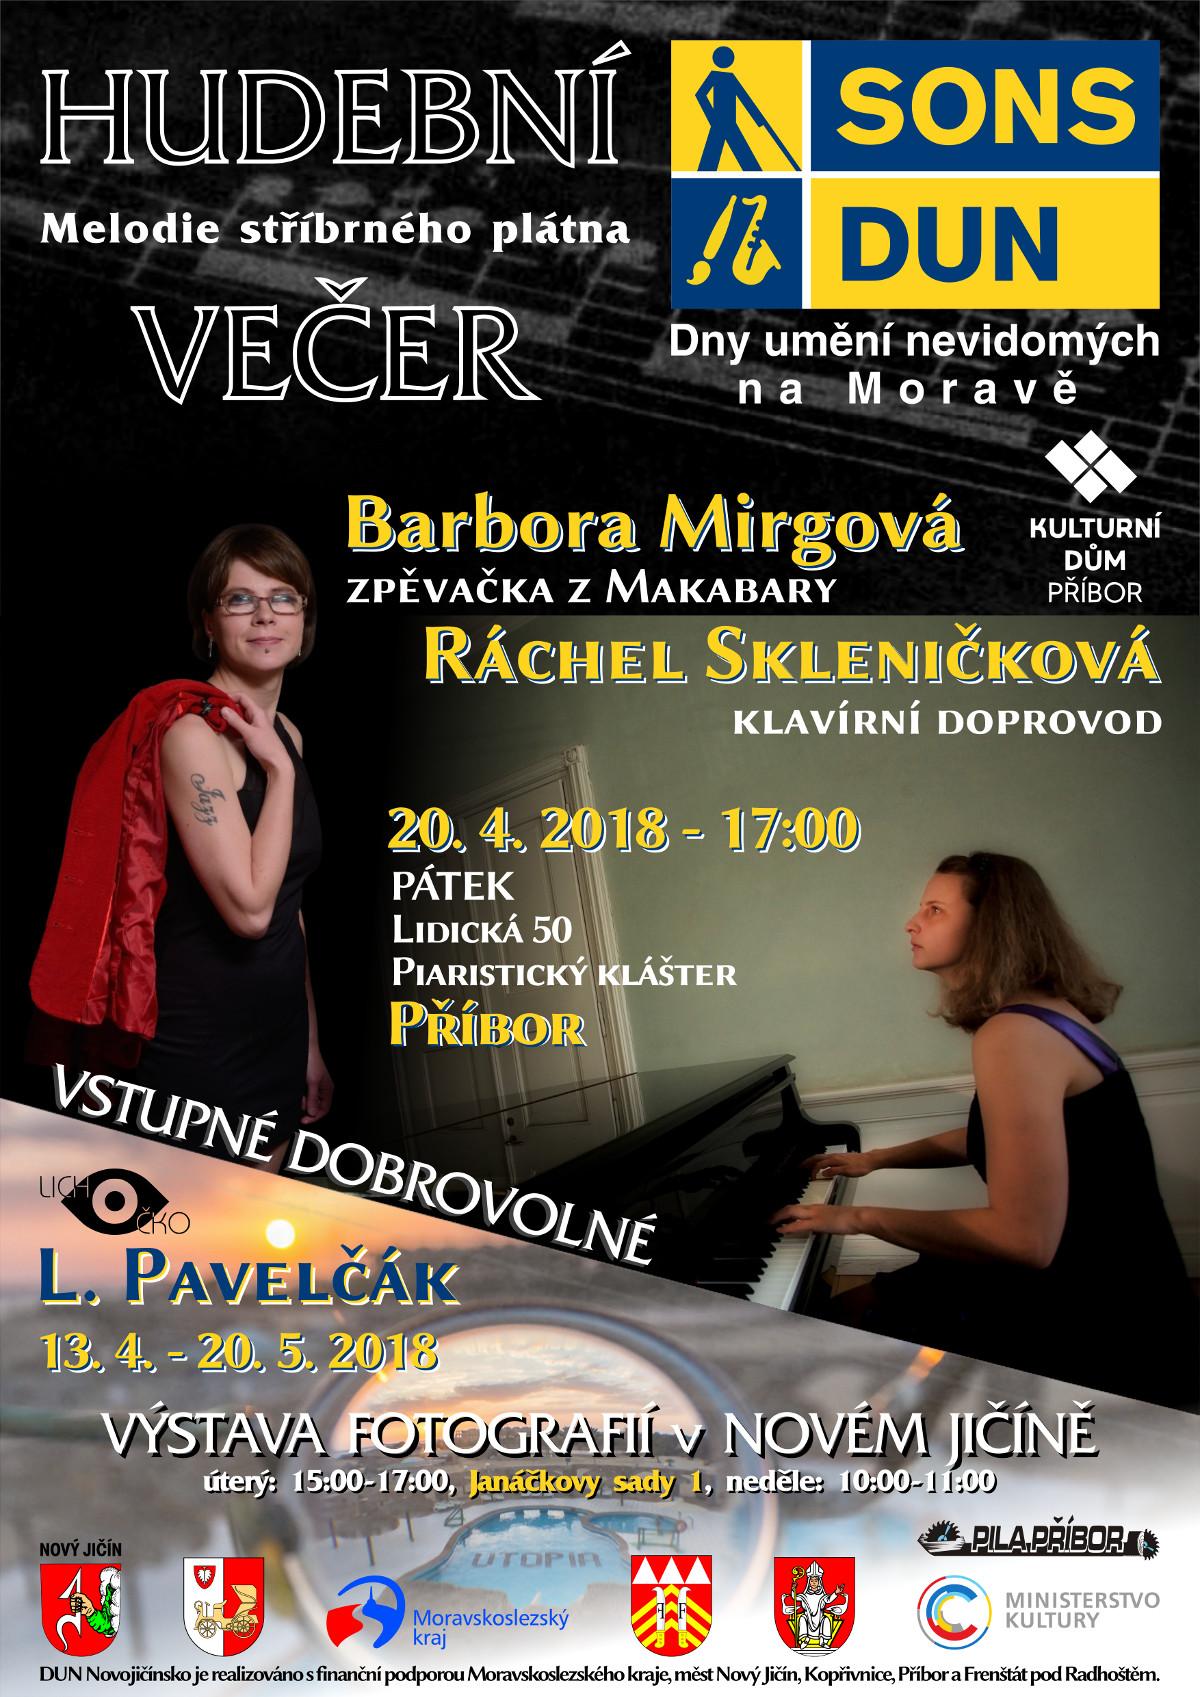 Pozvánka na Hudební večer v Příboře v rámci DUN na Moravě.